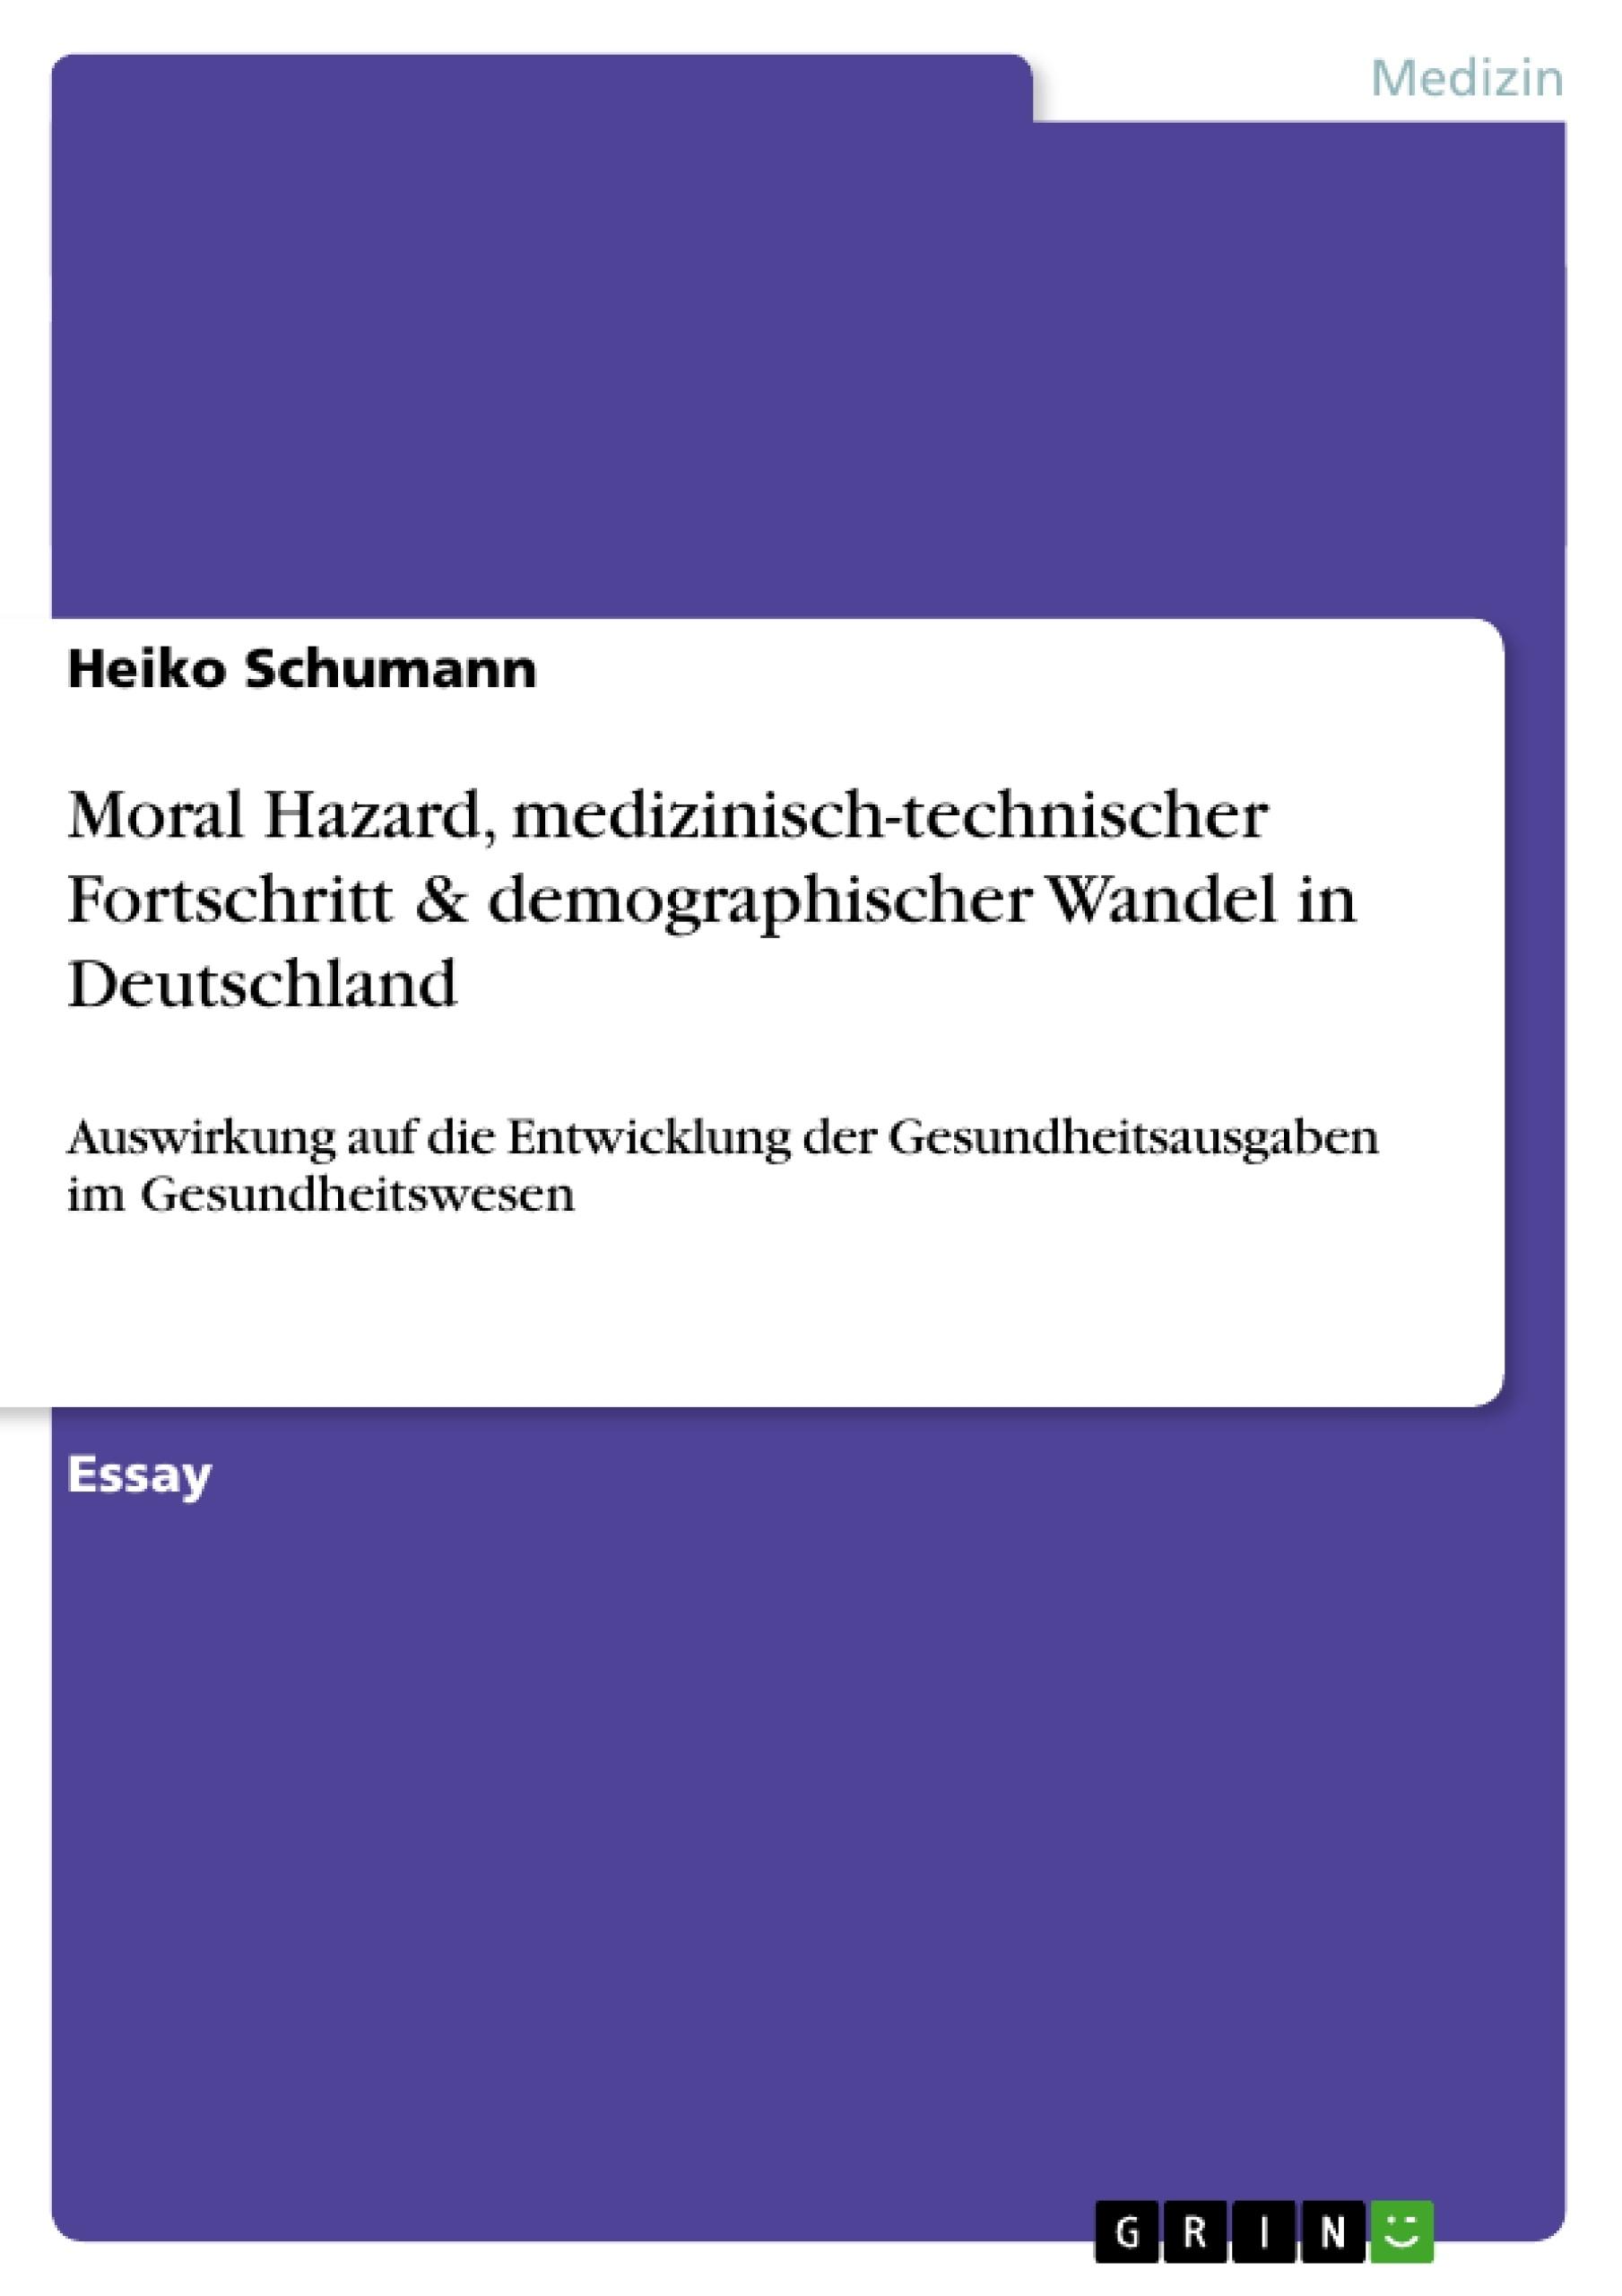 Titel: Moral Hazard, medizinisch-technischer Fortschritt & demographischer Wandel in Deutschland